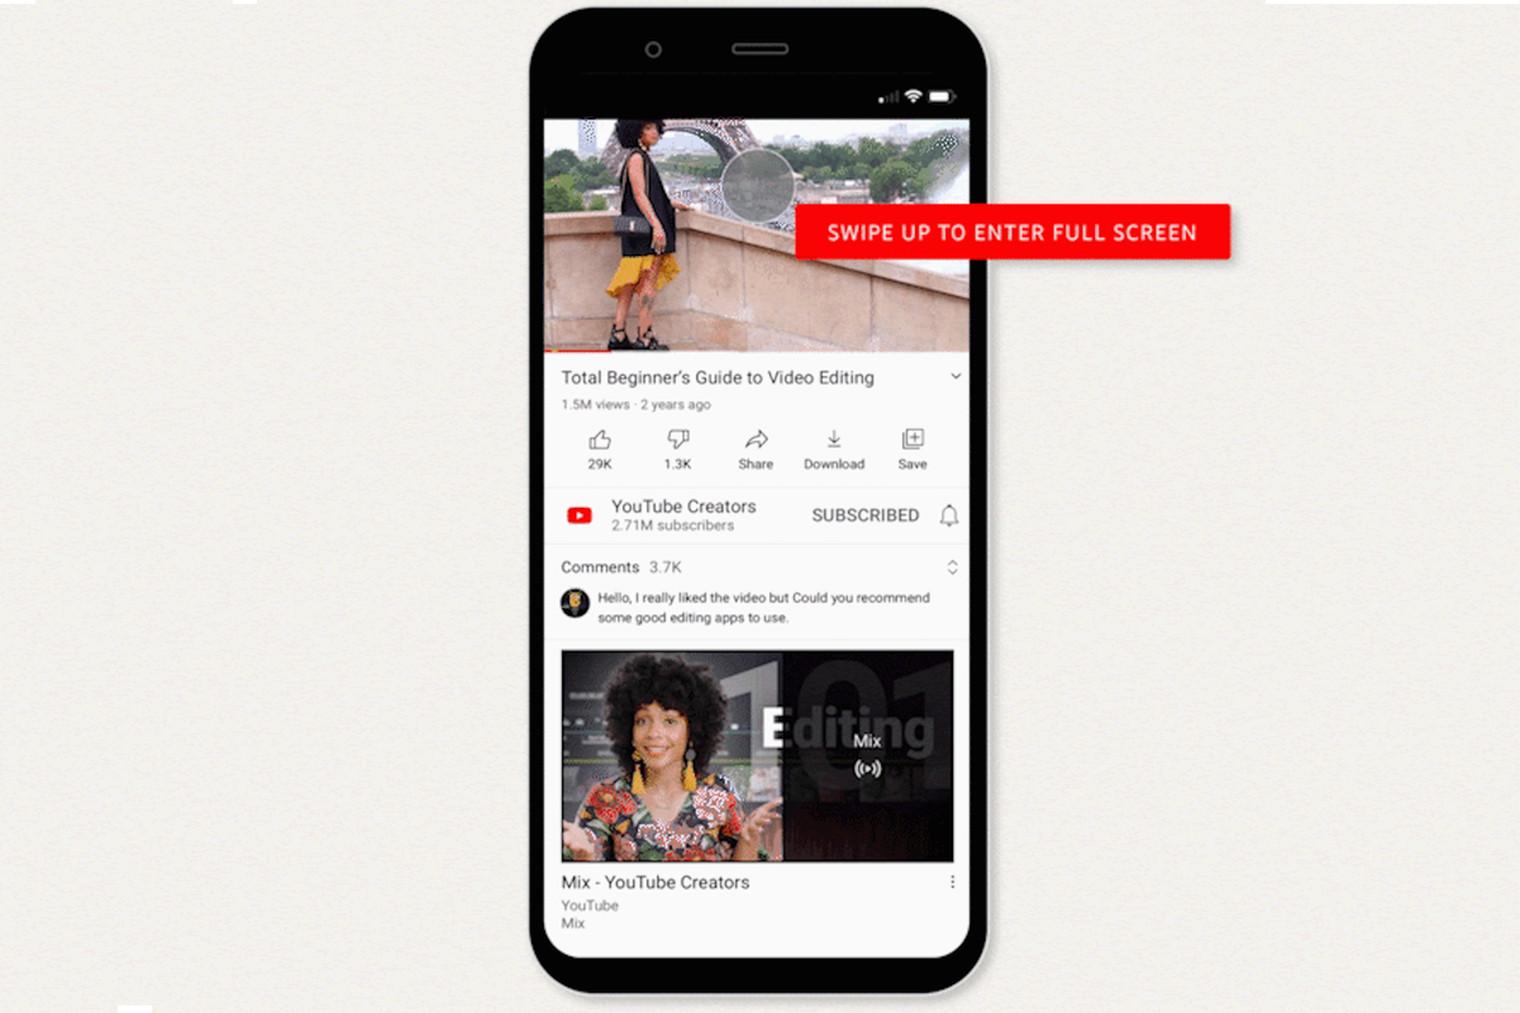 YouTube traz novos gestos e controles de reprodução para seu aplicativo móvel 1